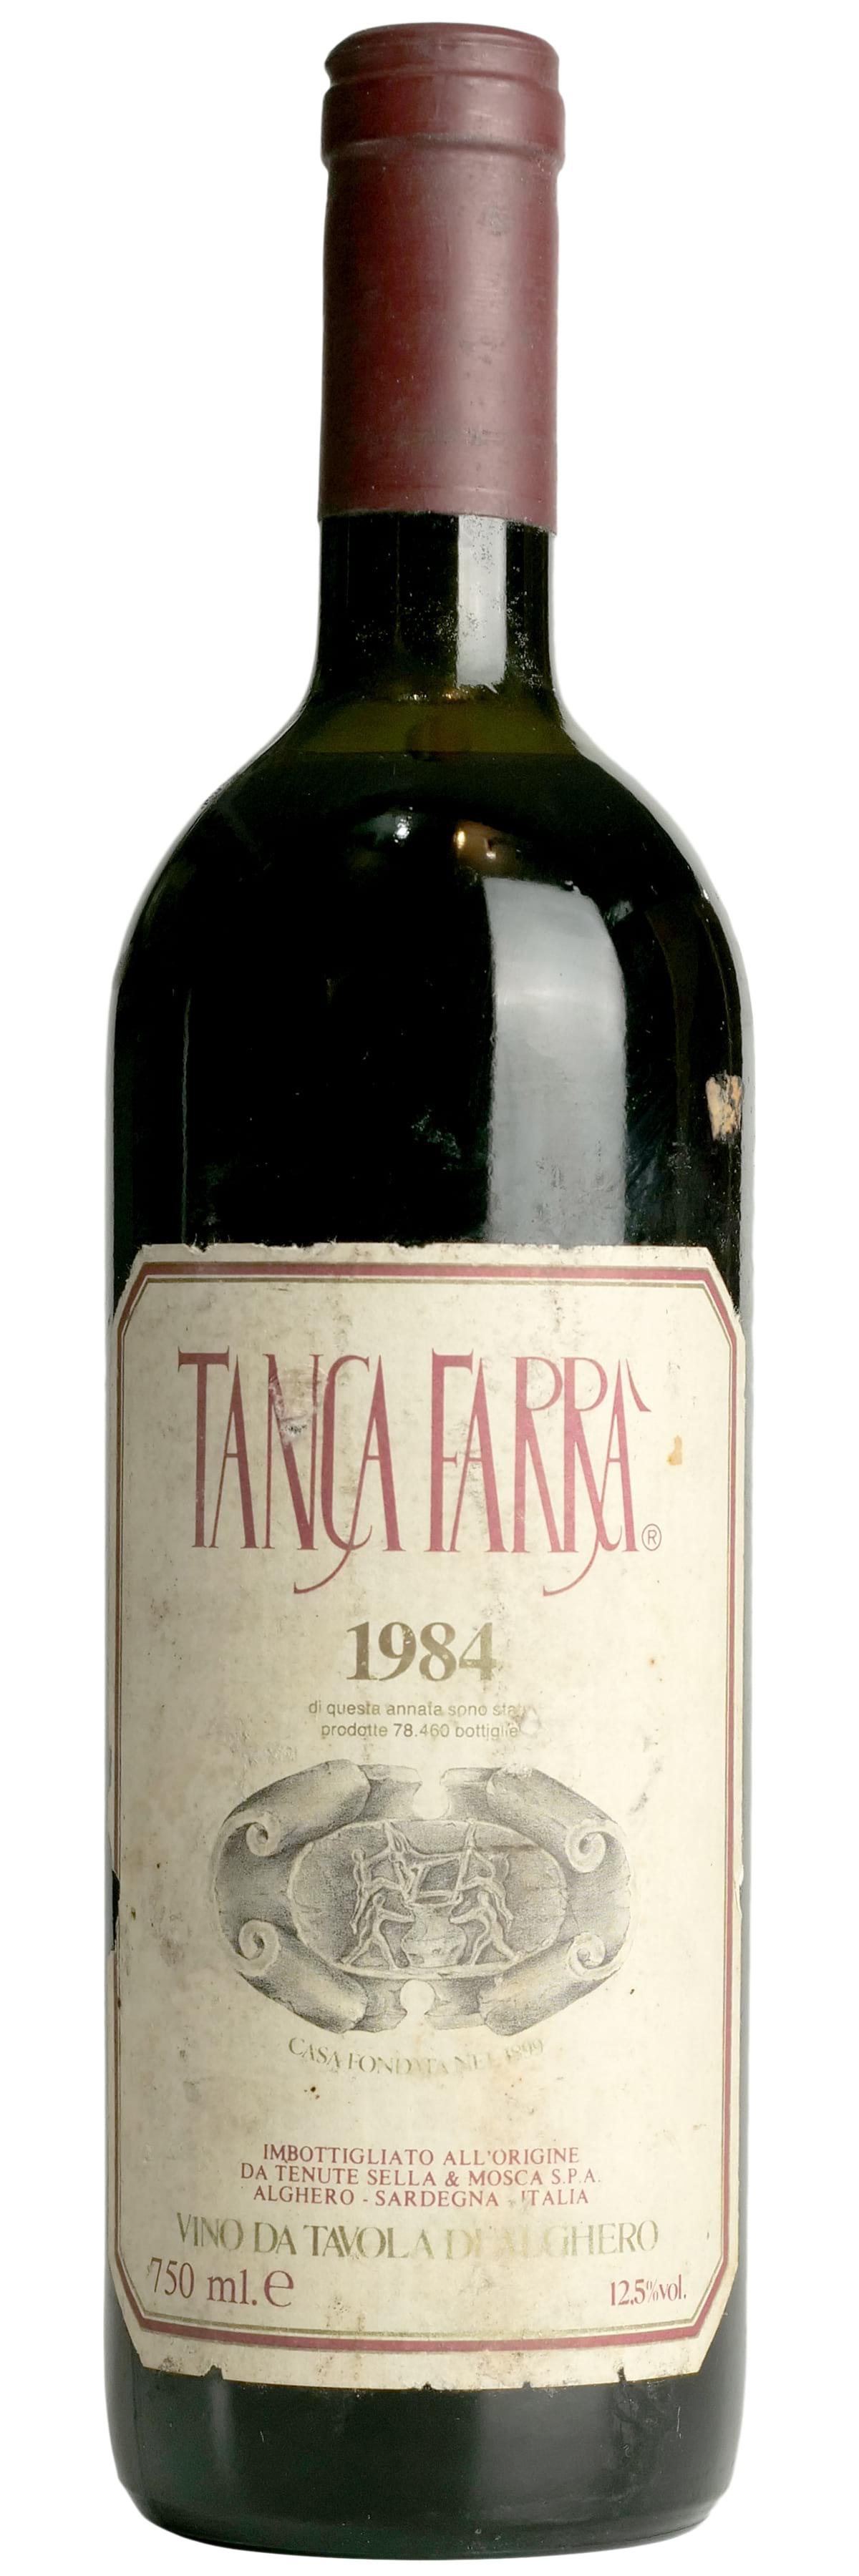 1984 Sella & Mosca Tanca Farra фото